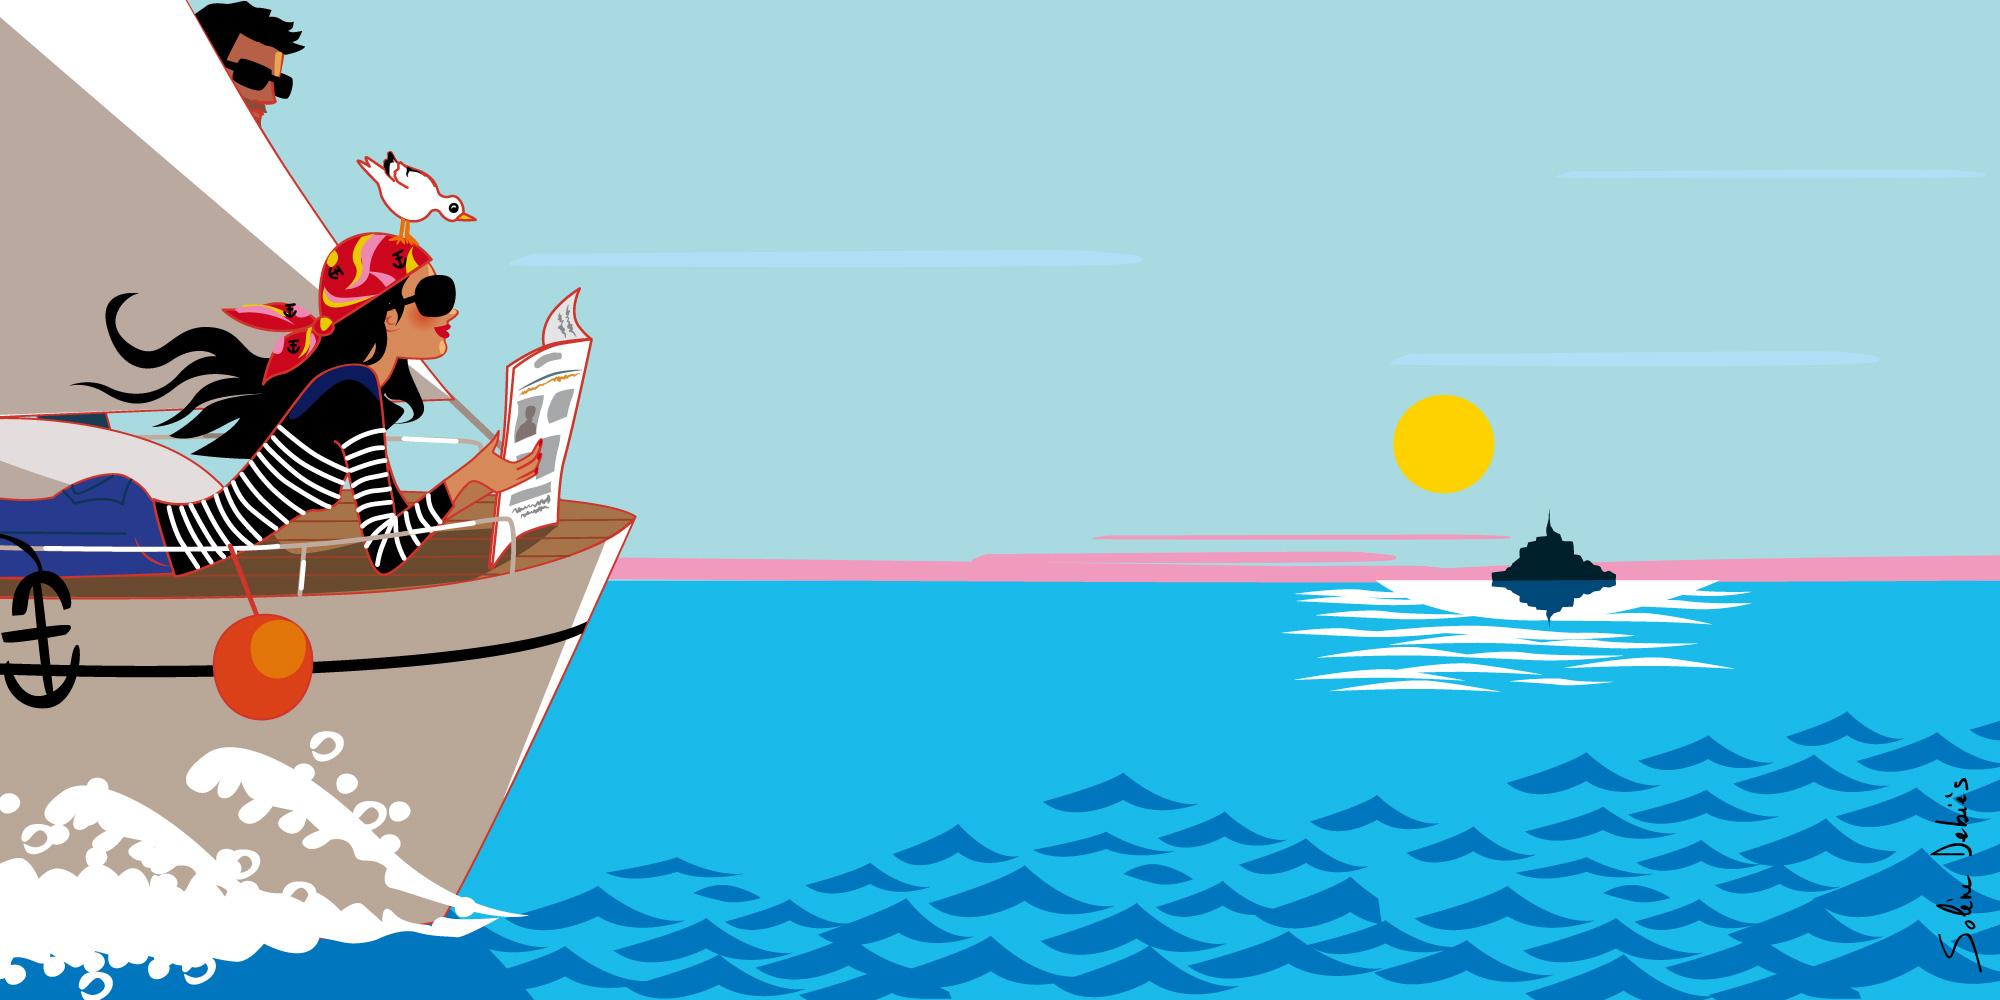 femme voilier mer